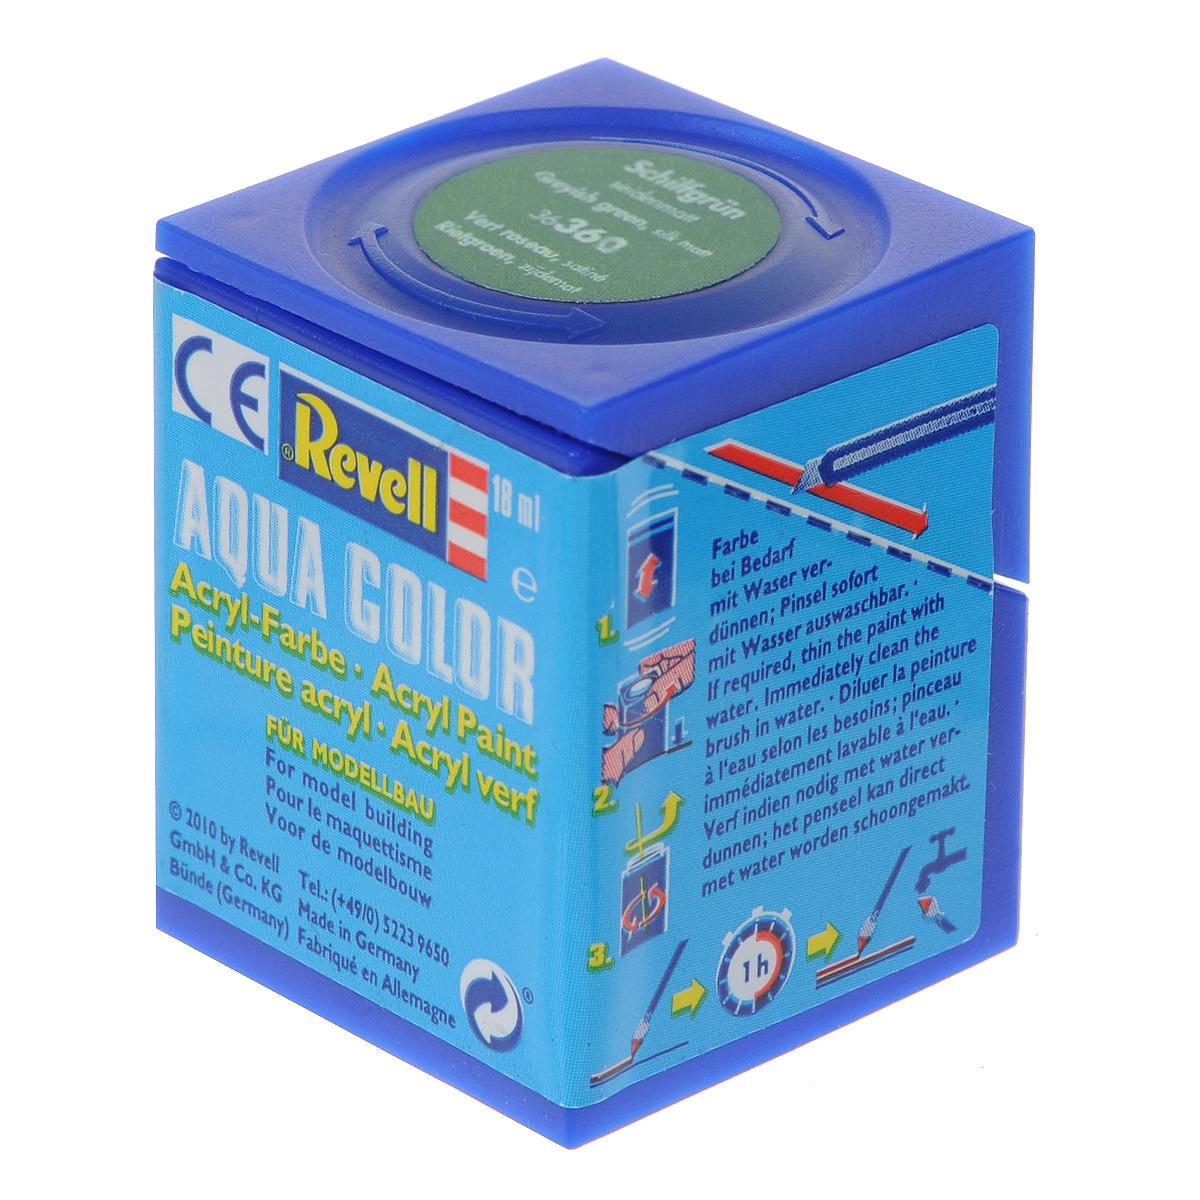 Revell Аква-краска шелково-матовая цвет оливково-зеленый 18 мл36360Краски для моделей Revell - это высококачественный материал для покраски ваших моделей. Данная краска служит для окрашивания пластиковых поверхностей сборных моделей Revell. В баночке содержится 18 мл краски с шелково-матовым эффектом. В случае необходимости различные оттенки эмали могут быть смешаны друг с другом, для разбавления используется Revell Color Mix.